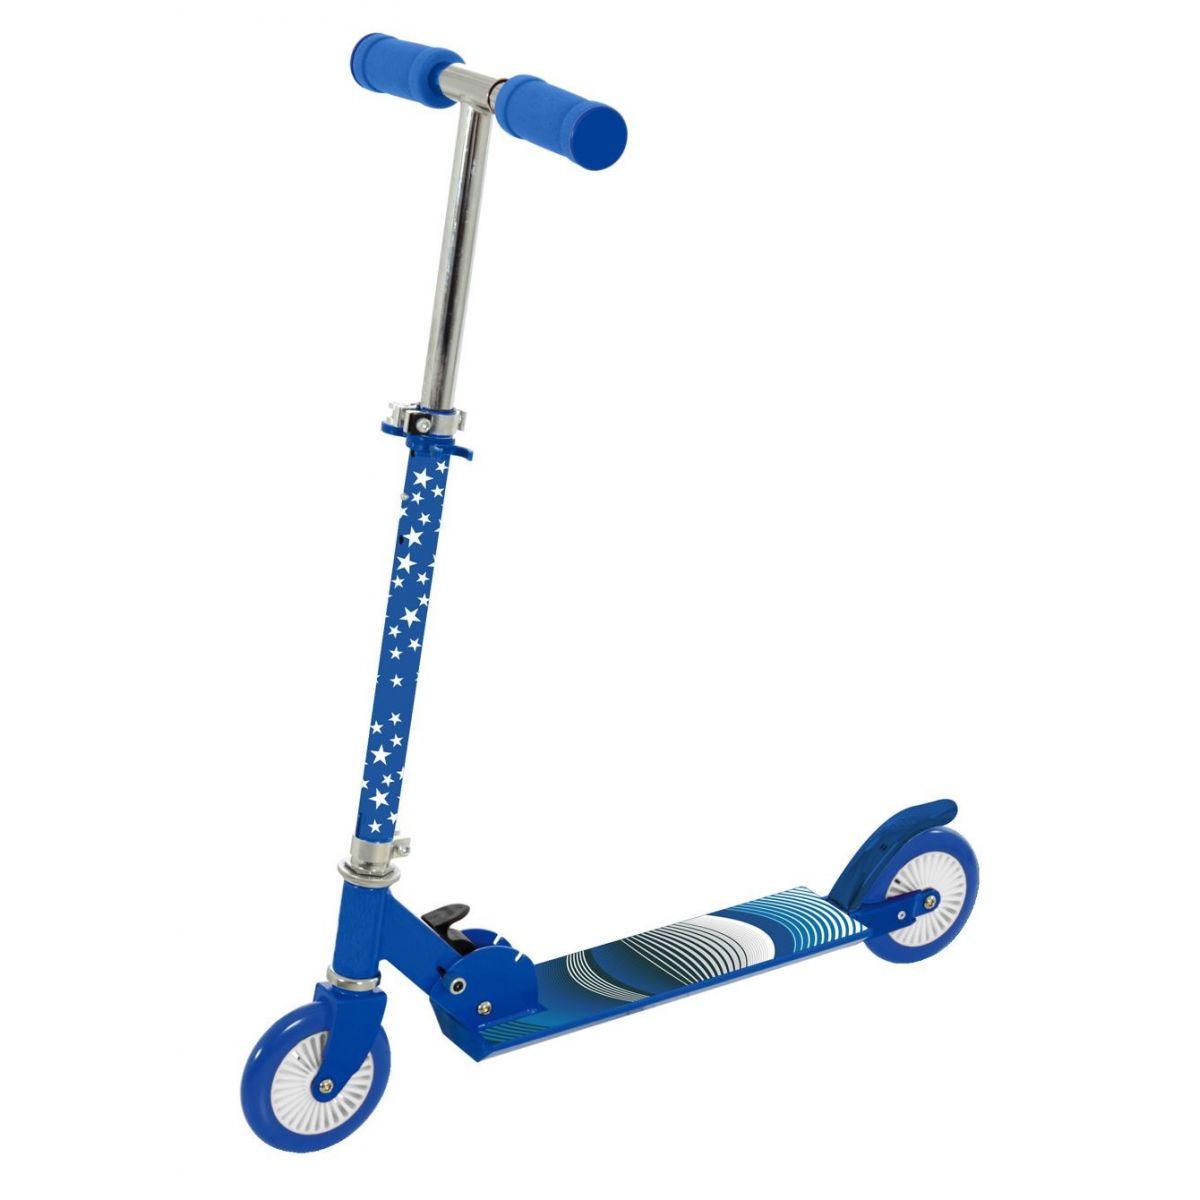 Alltoys Dětská koloběžka Scooter modrá